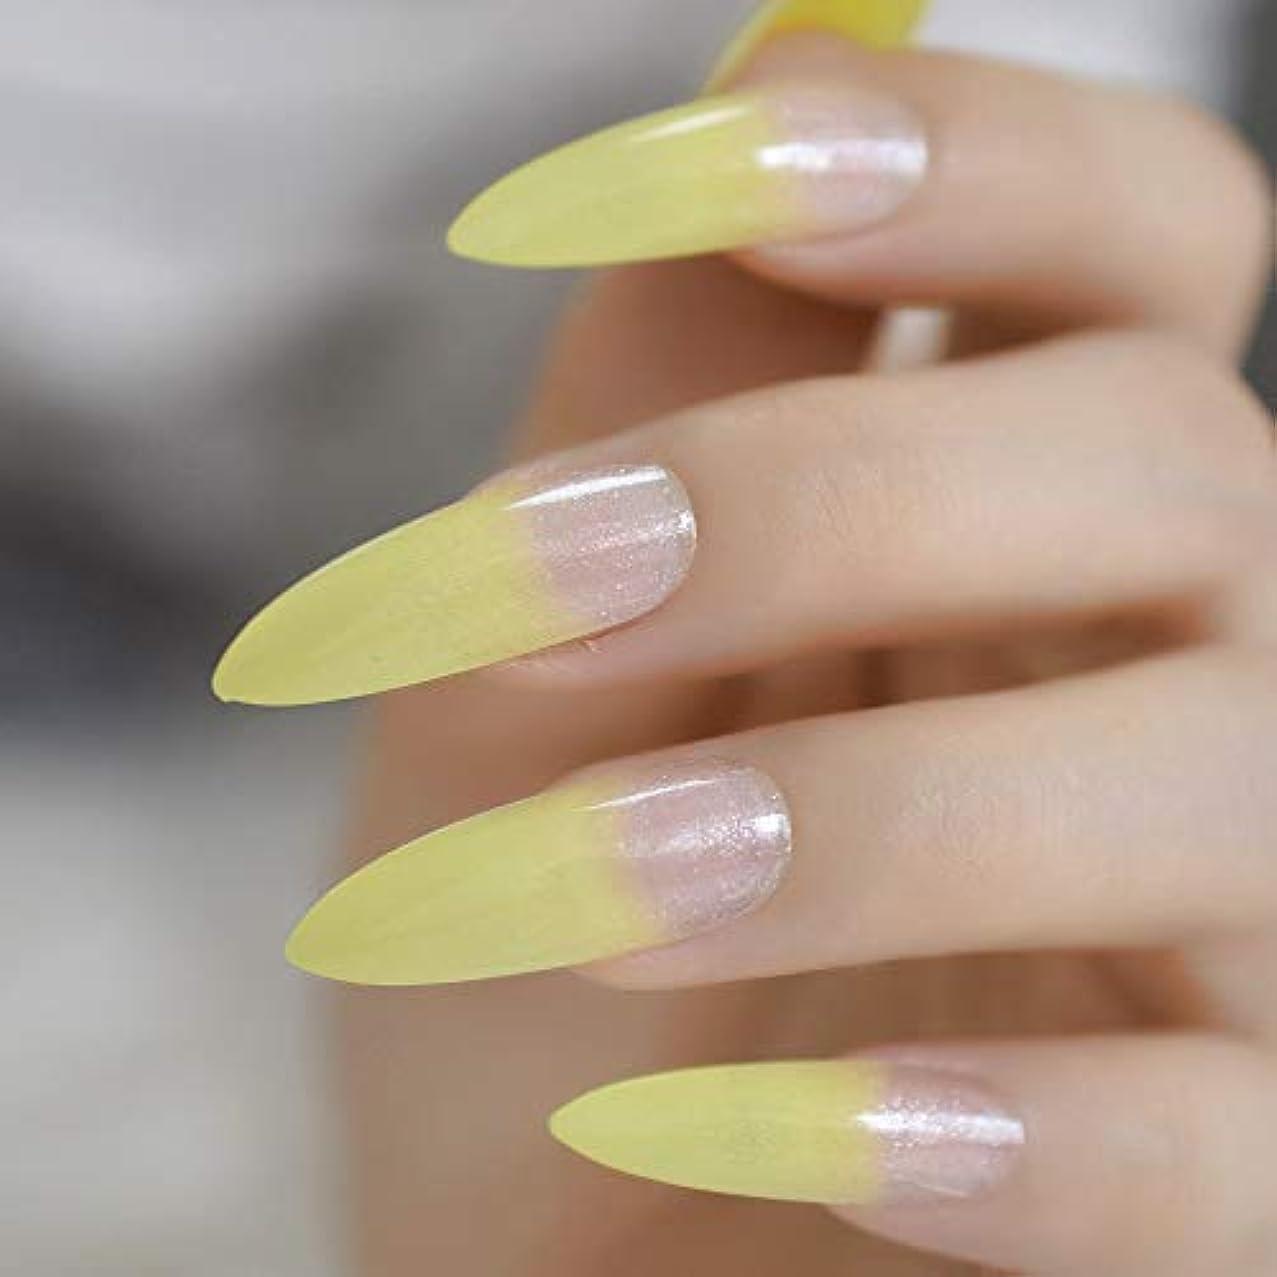 契約クッション男やもめXUTXZKA 偽の指の爪のエクステンションデコに余分な長い爪の明るい黄色のグラデーションプレス